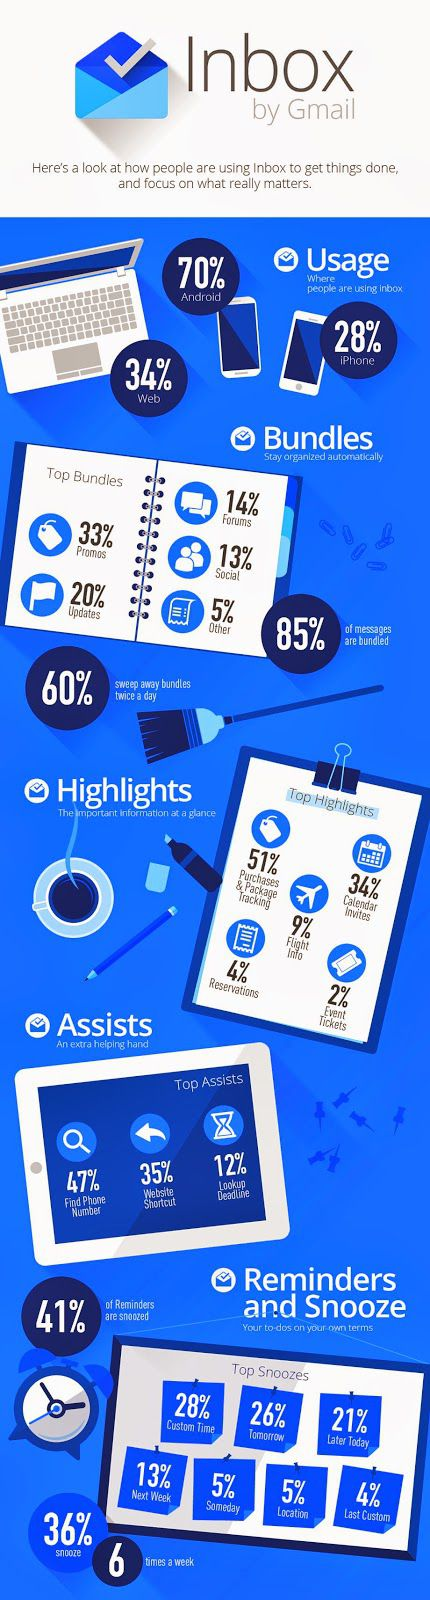 Inbox-infographie-utilisation